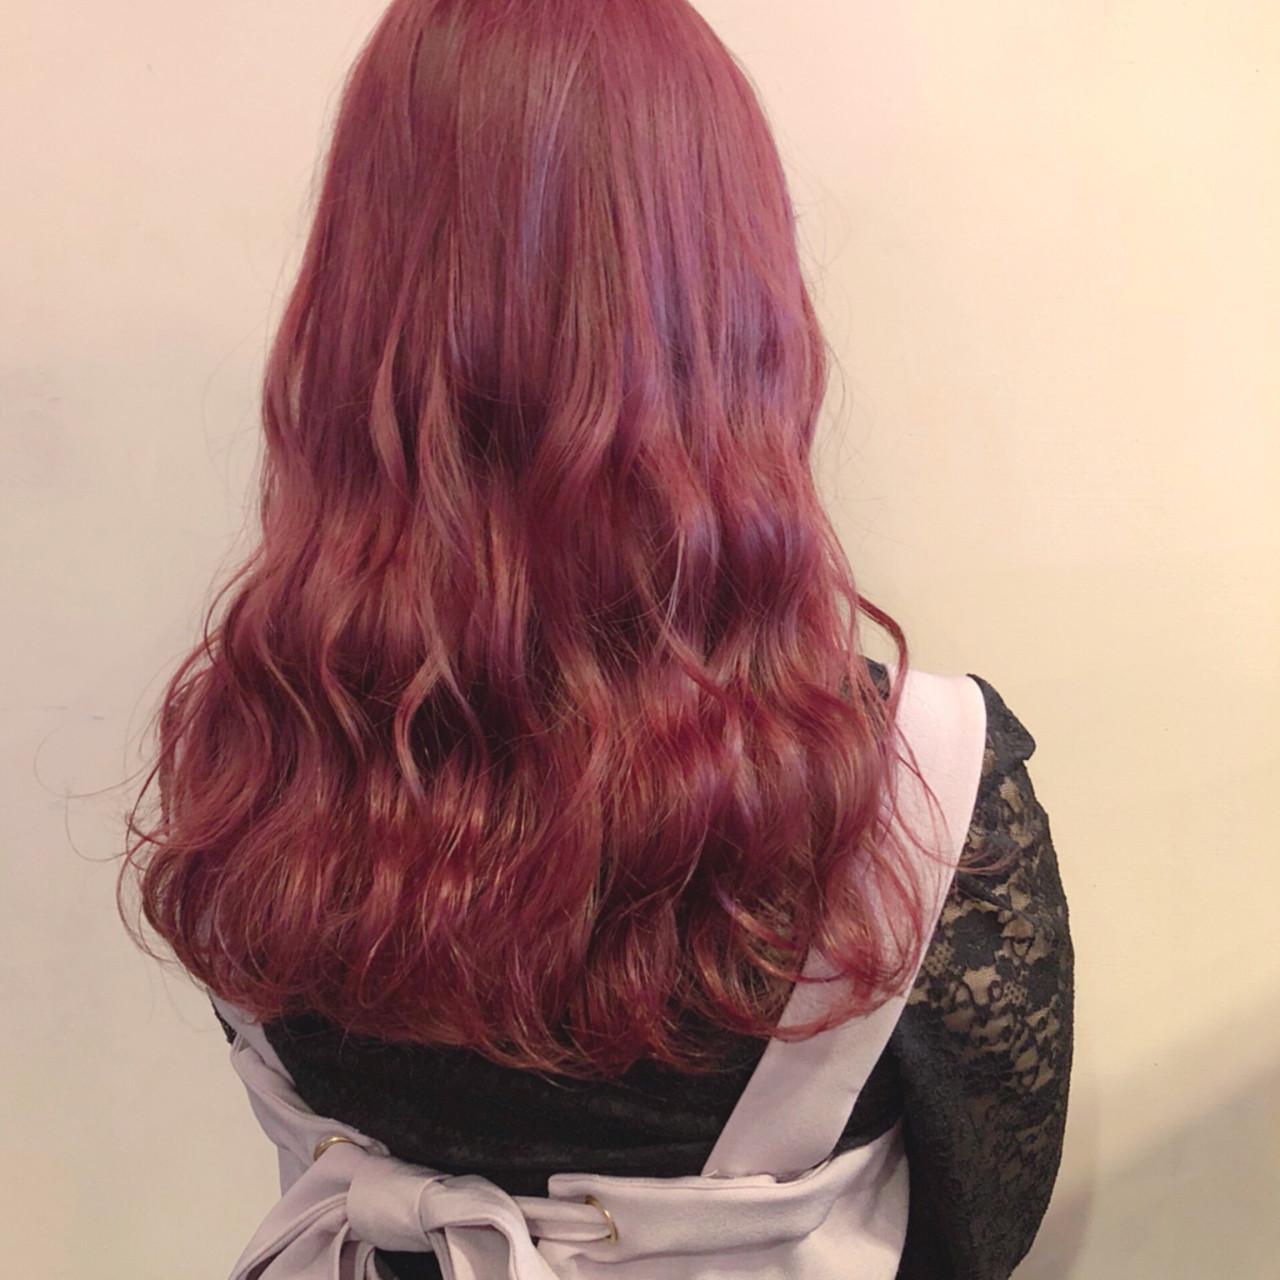 市販で買える色持ち◎なおすすめピンクのヘアカラートリートメントの12枚目の画像